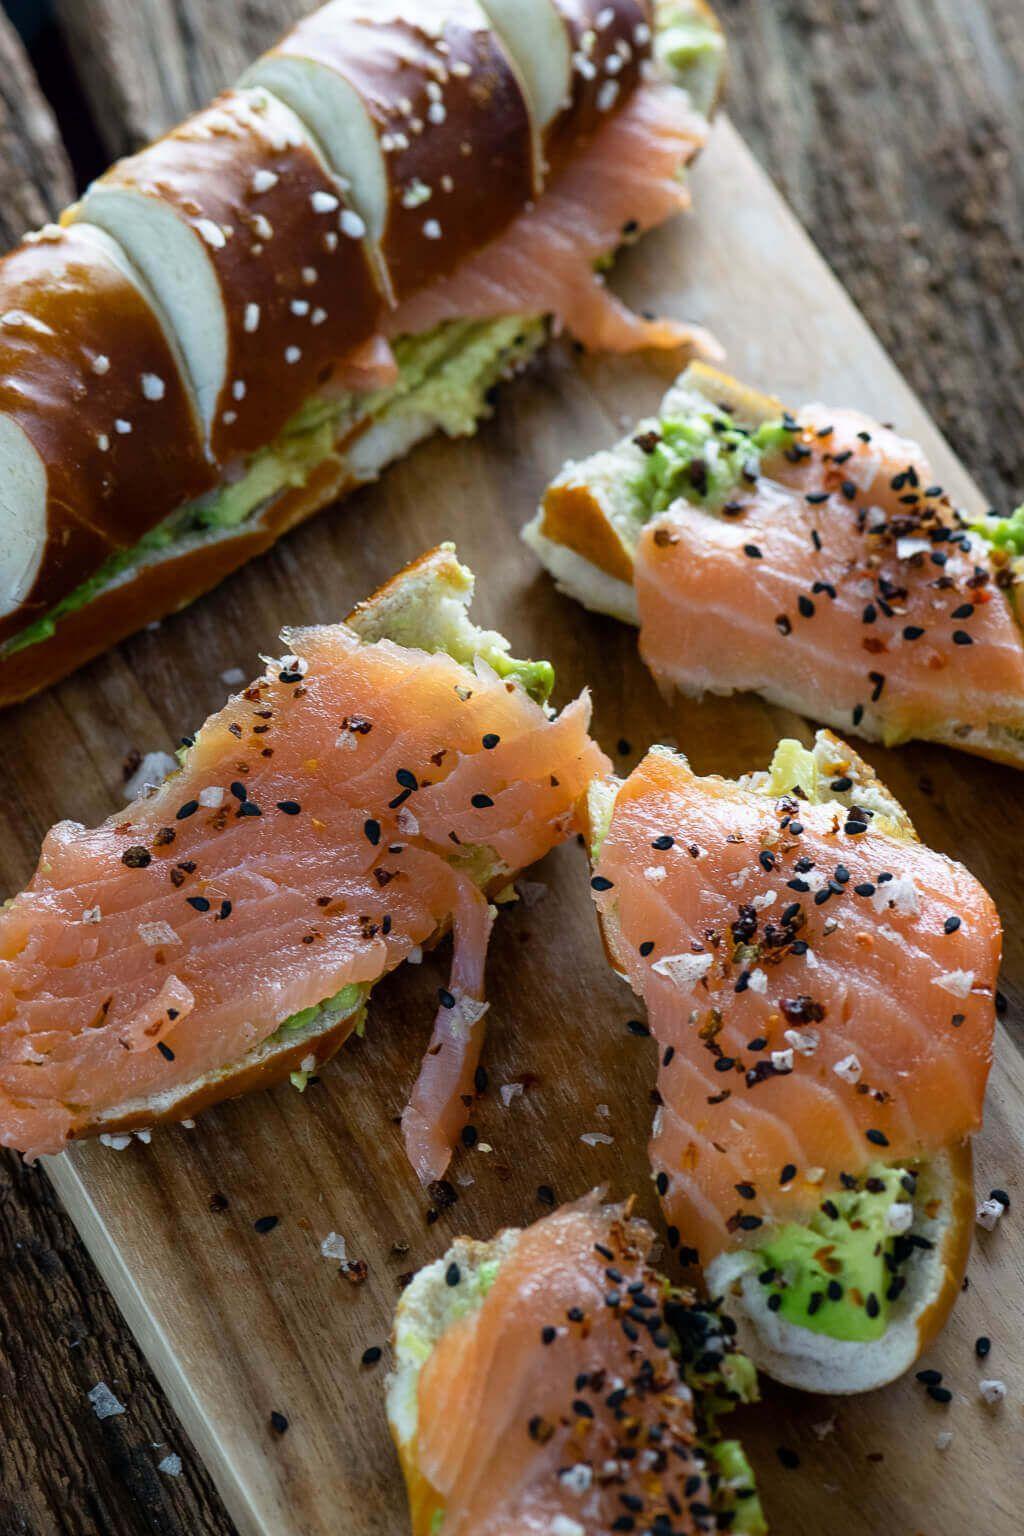 Laugenstange mit Lachs & Avocado - mein perfekter Snack als stillende Mutter -  Laugenstange mit La